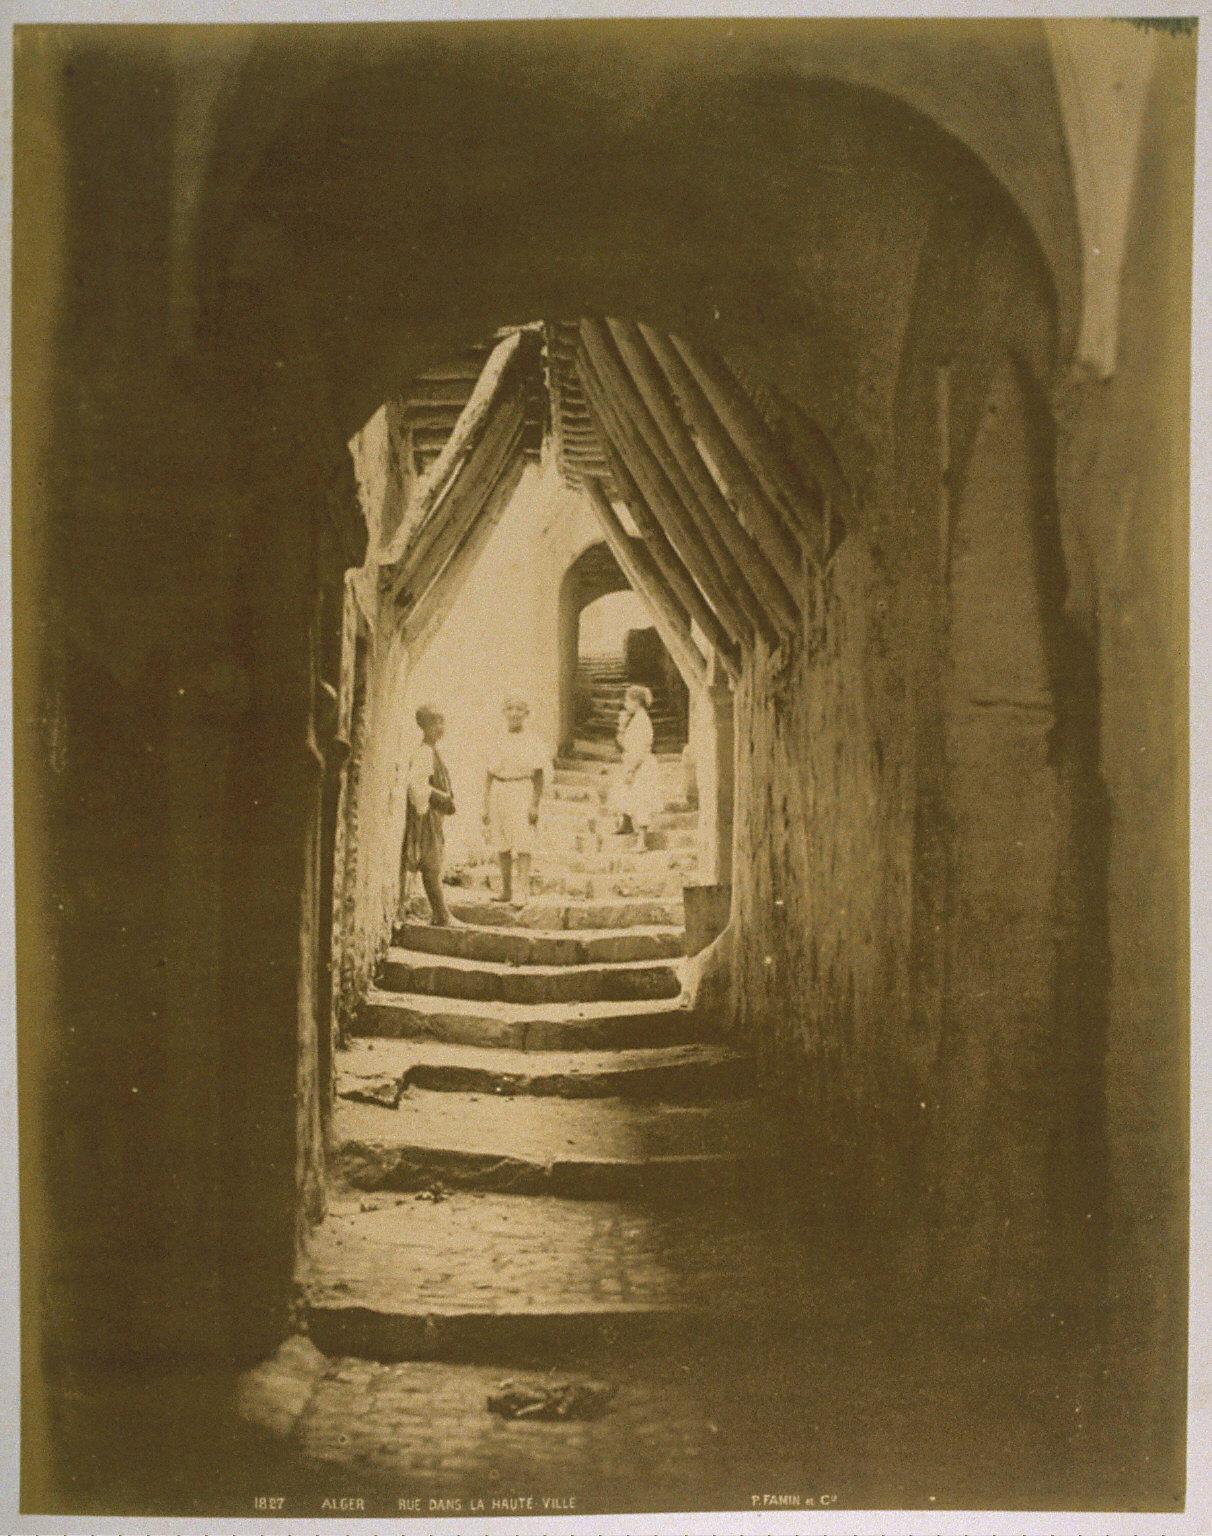 Alger, Rue dans la Haute Ville